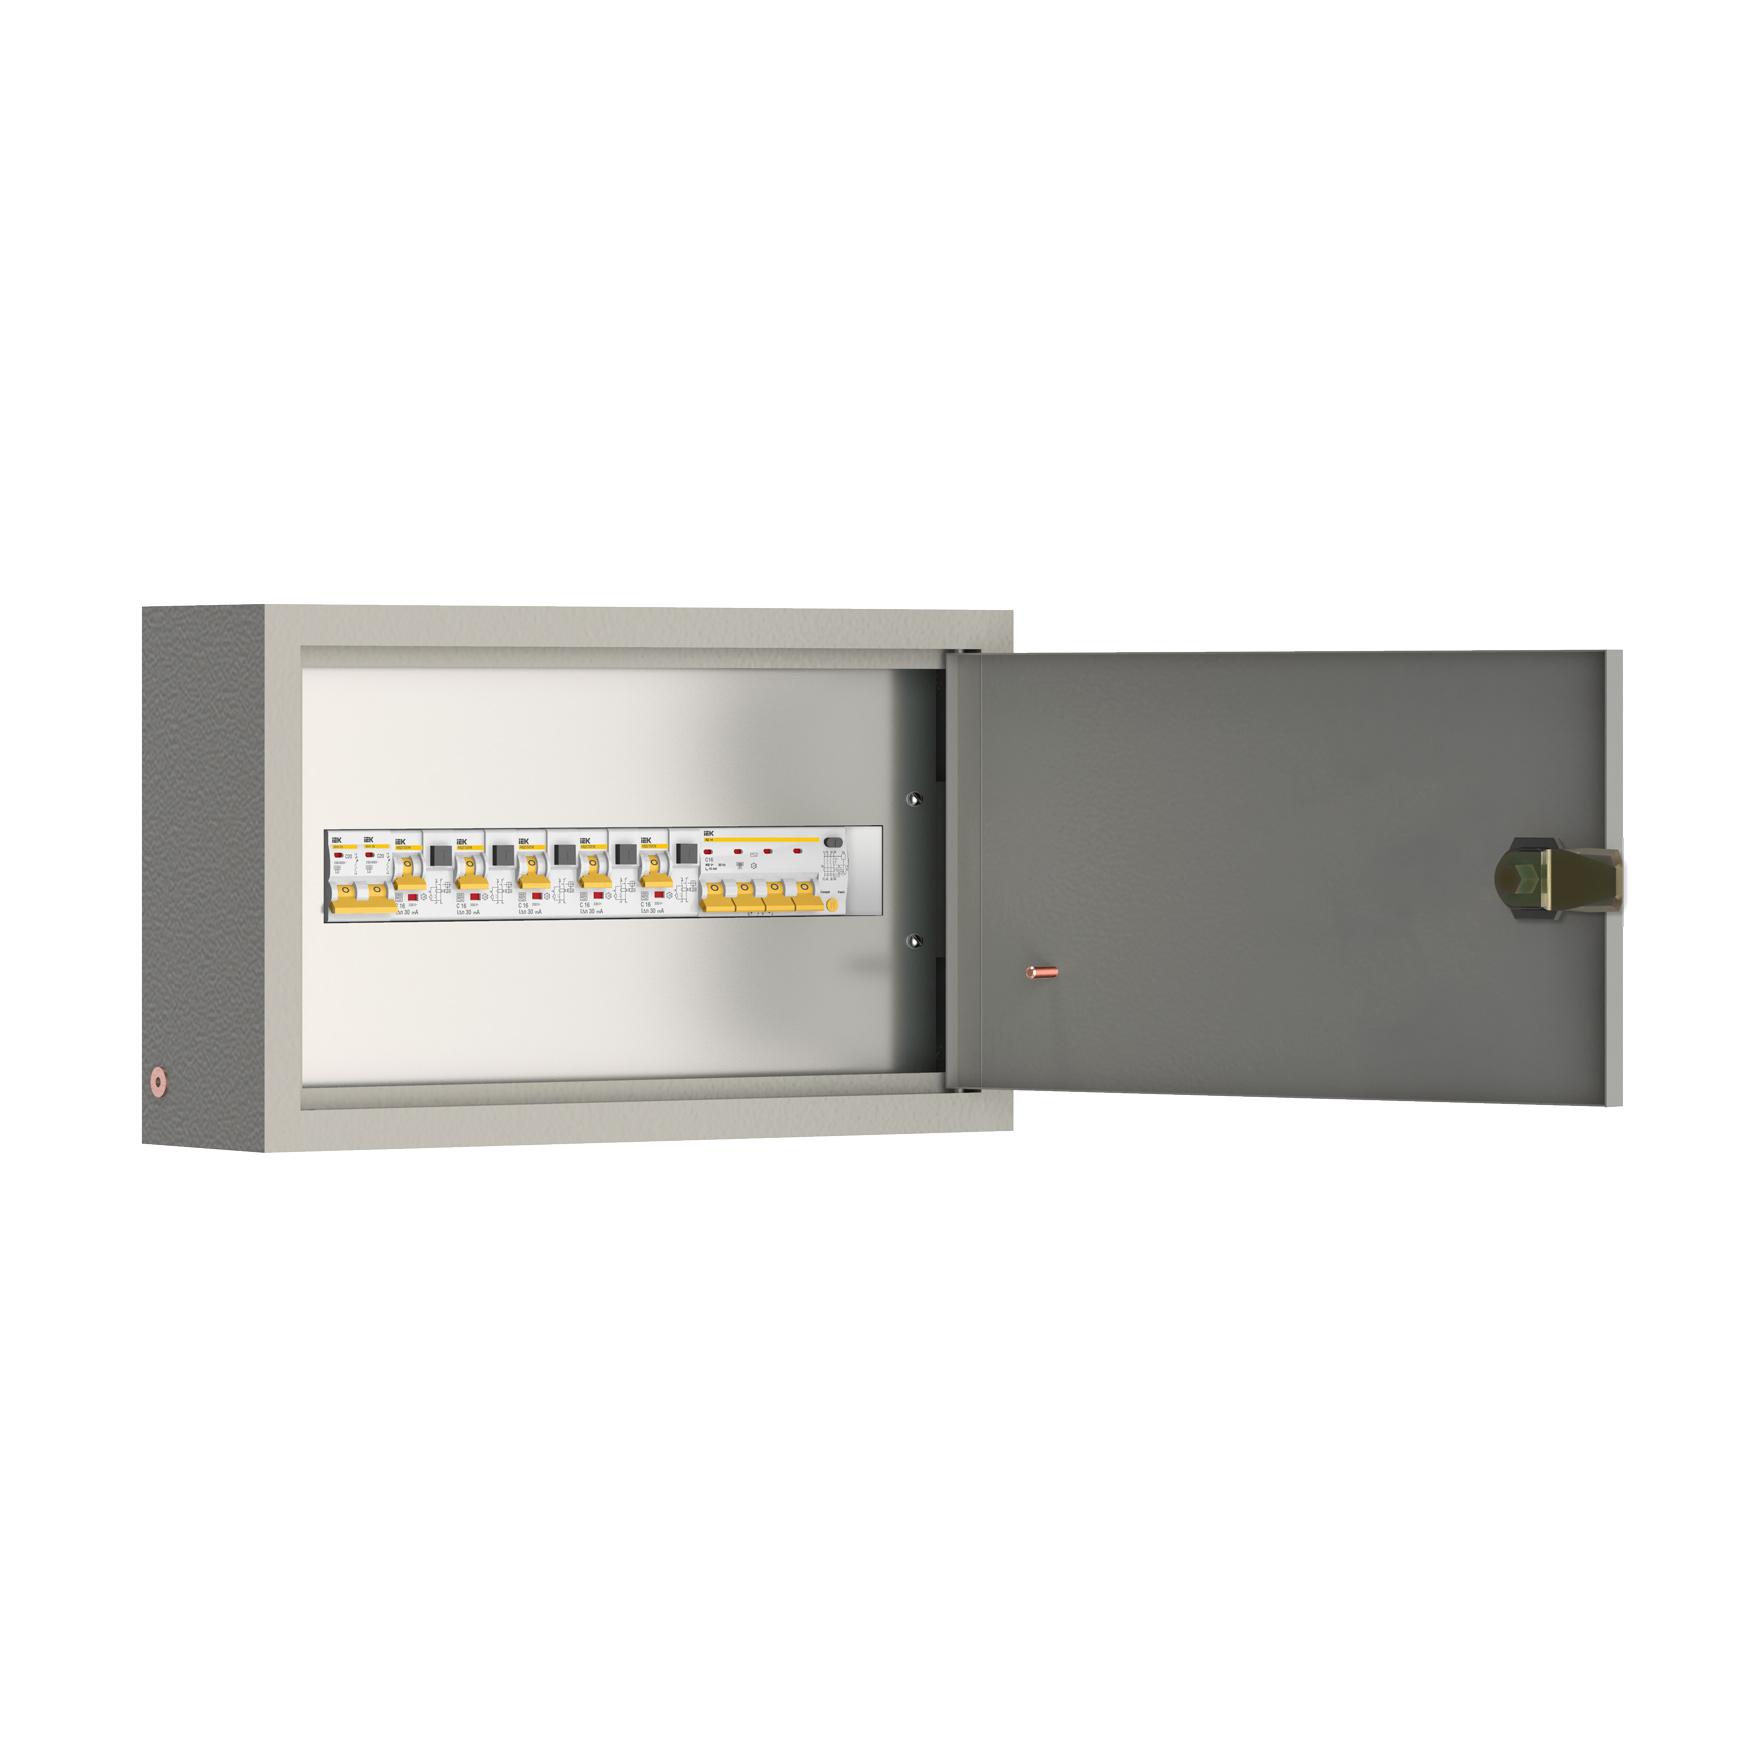 Щит квартирный встраиваемый ЯК2-50-1-4+1-В АВДТ 1х16А 30мА 2х20А 30мА 1х32А 30мА выключатели автоматические 1Р 1х16А IEK